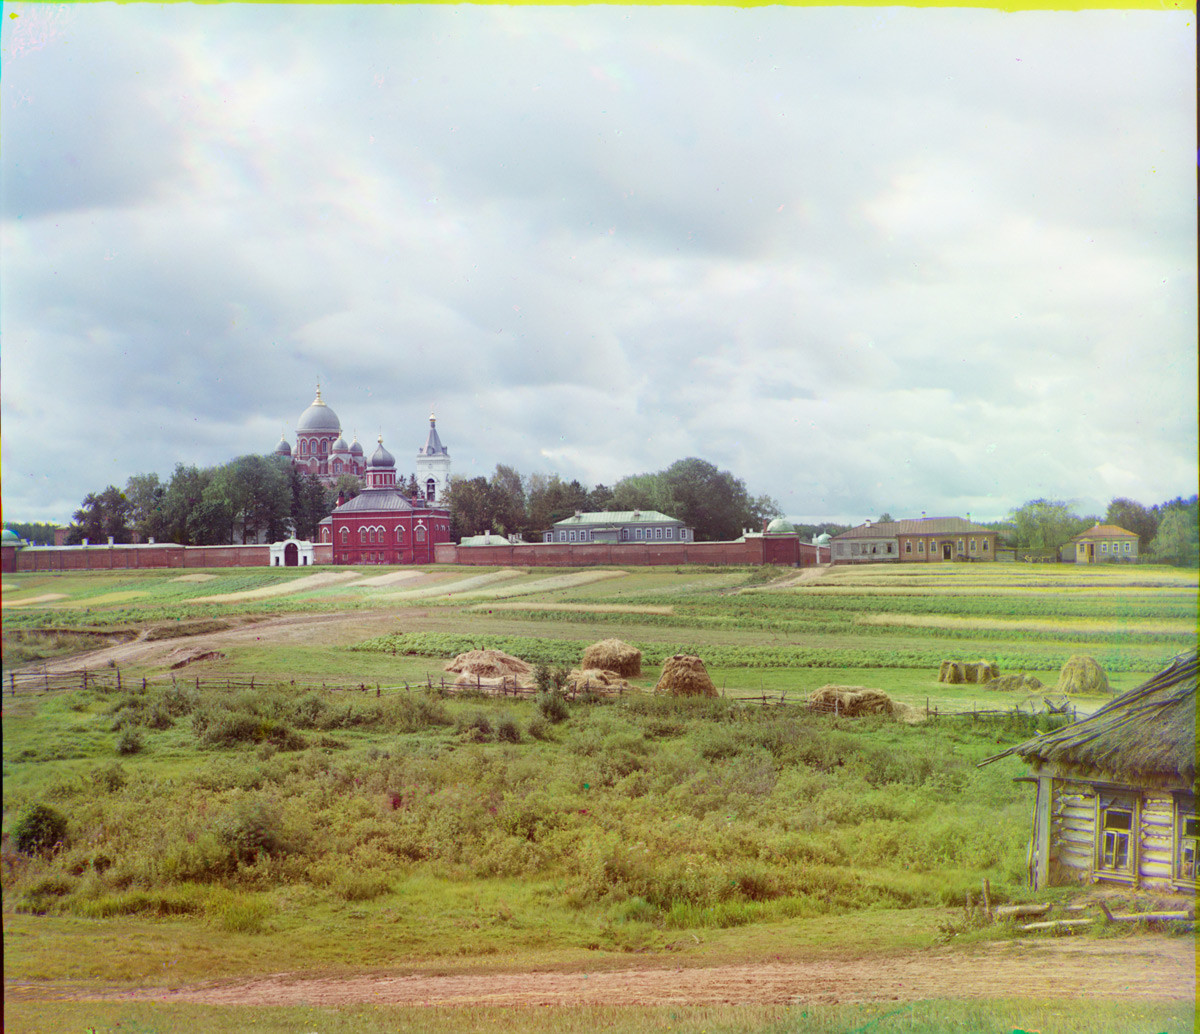 Biara Spaso-Borodino, penampakan utara. Tembok Utara, Gereja Pemenggalan Yohanes Pembaptis dan Katedral Ikon Vladimir (latar belakang). Musim panas 1911.